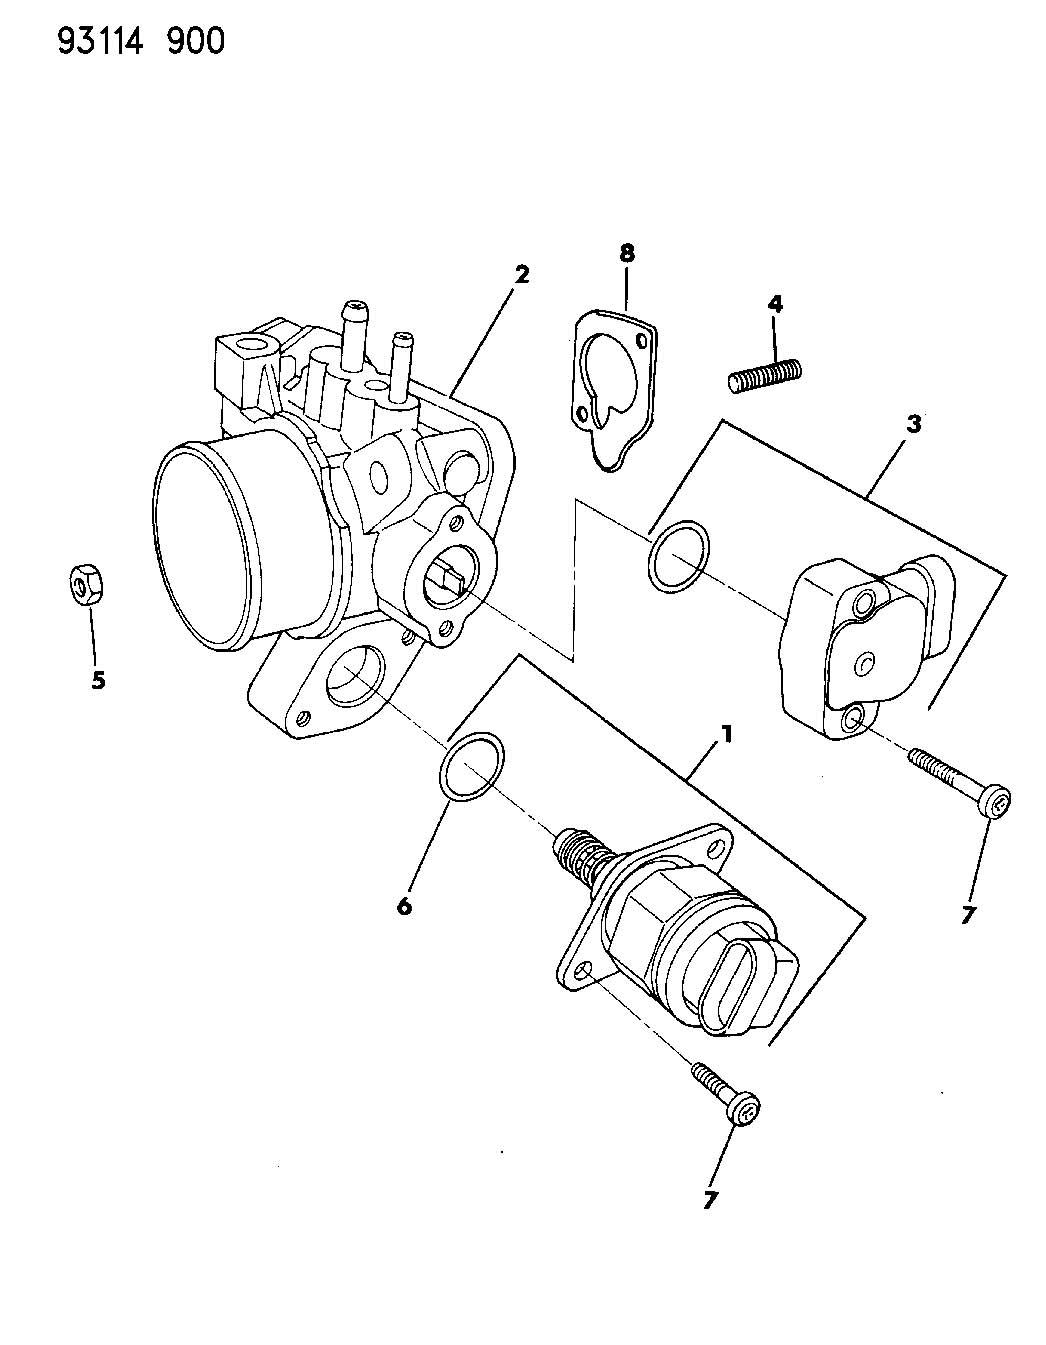 04778462     Chrysler    Screw    Throttle    position sensor Bnd